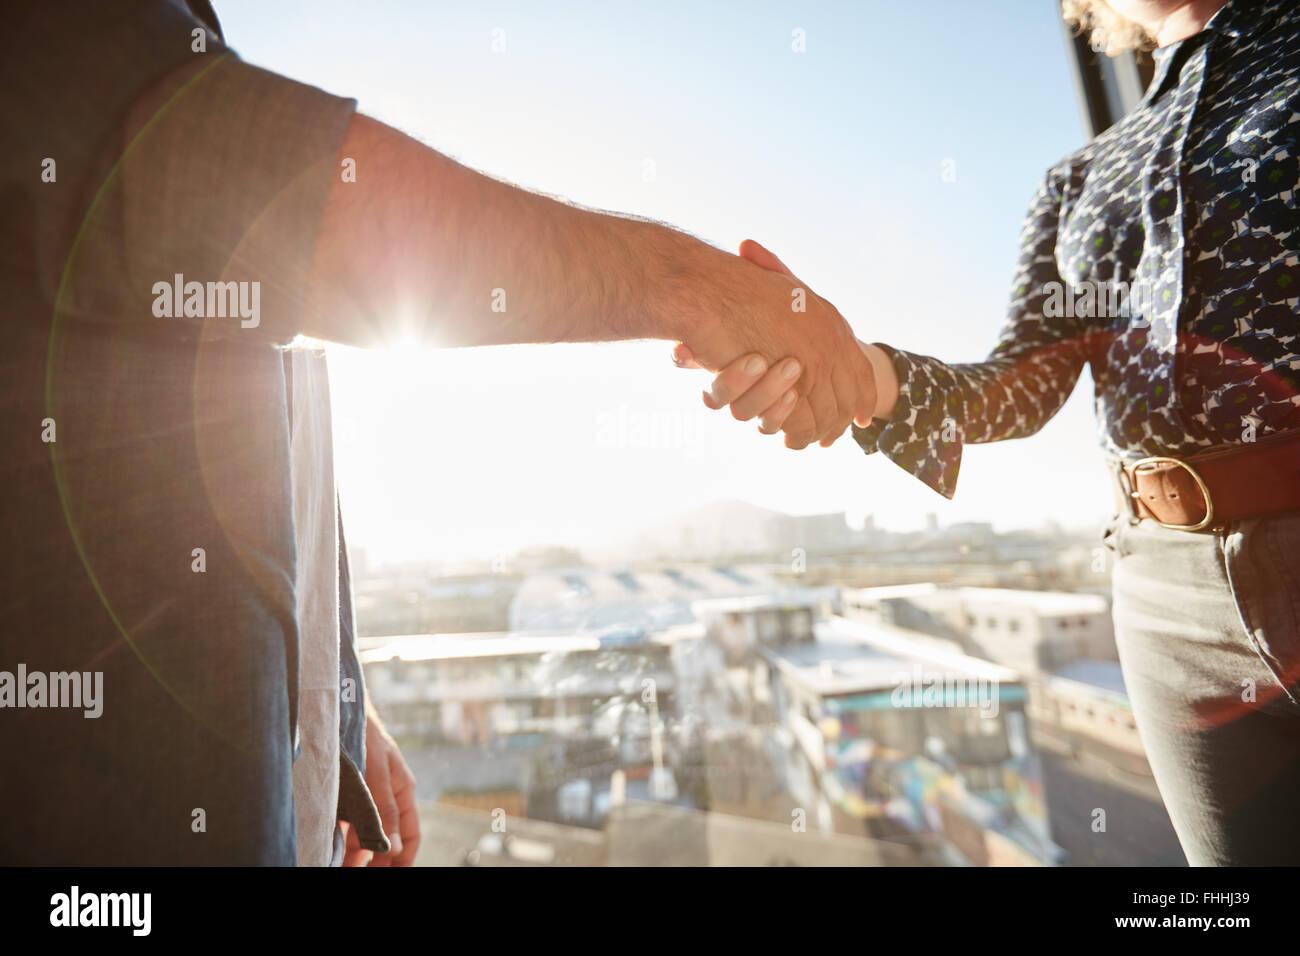 Stretta di mano del due si associa con la luce del sole. Executive maschio agitando la mano con il collega di sesso Immagini Stock